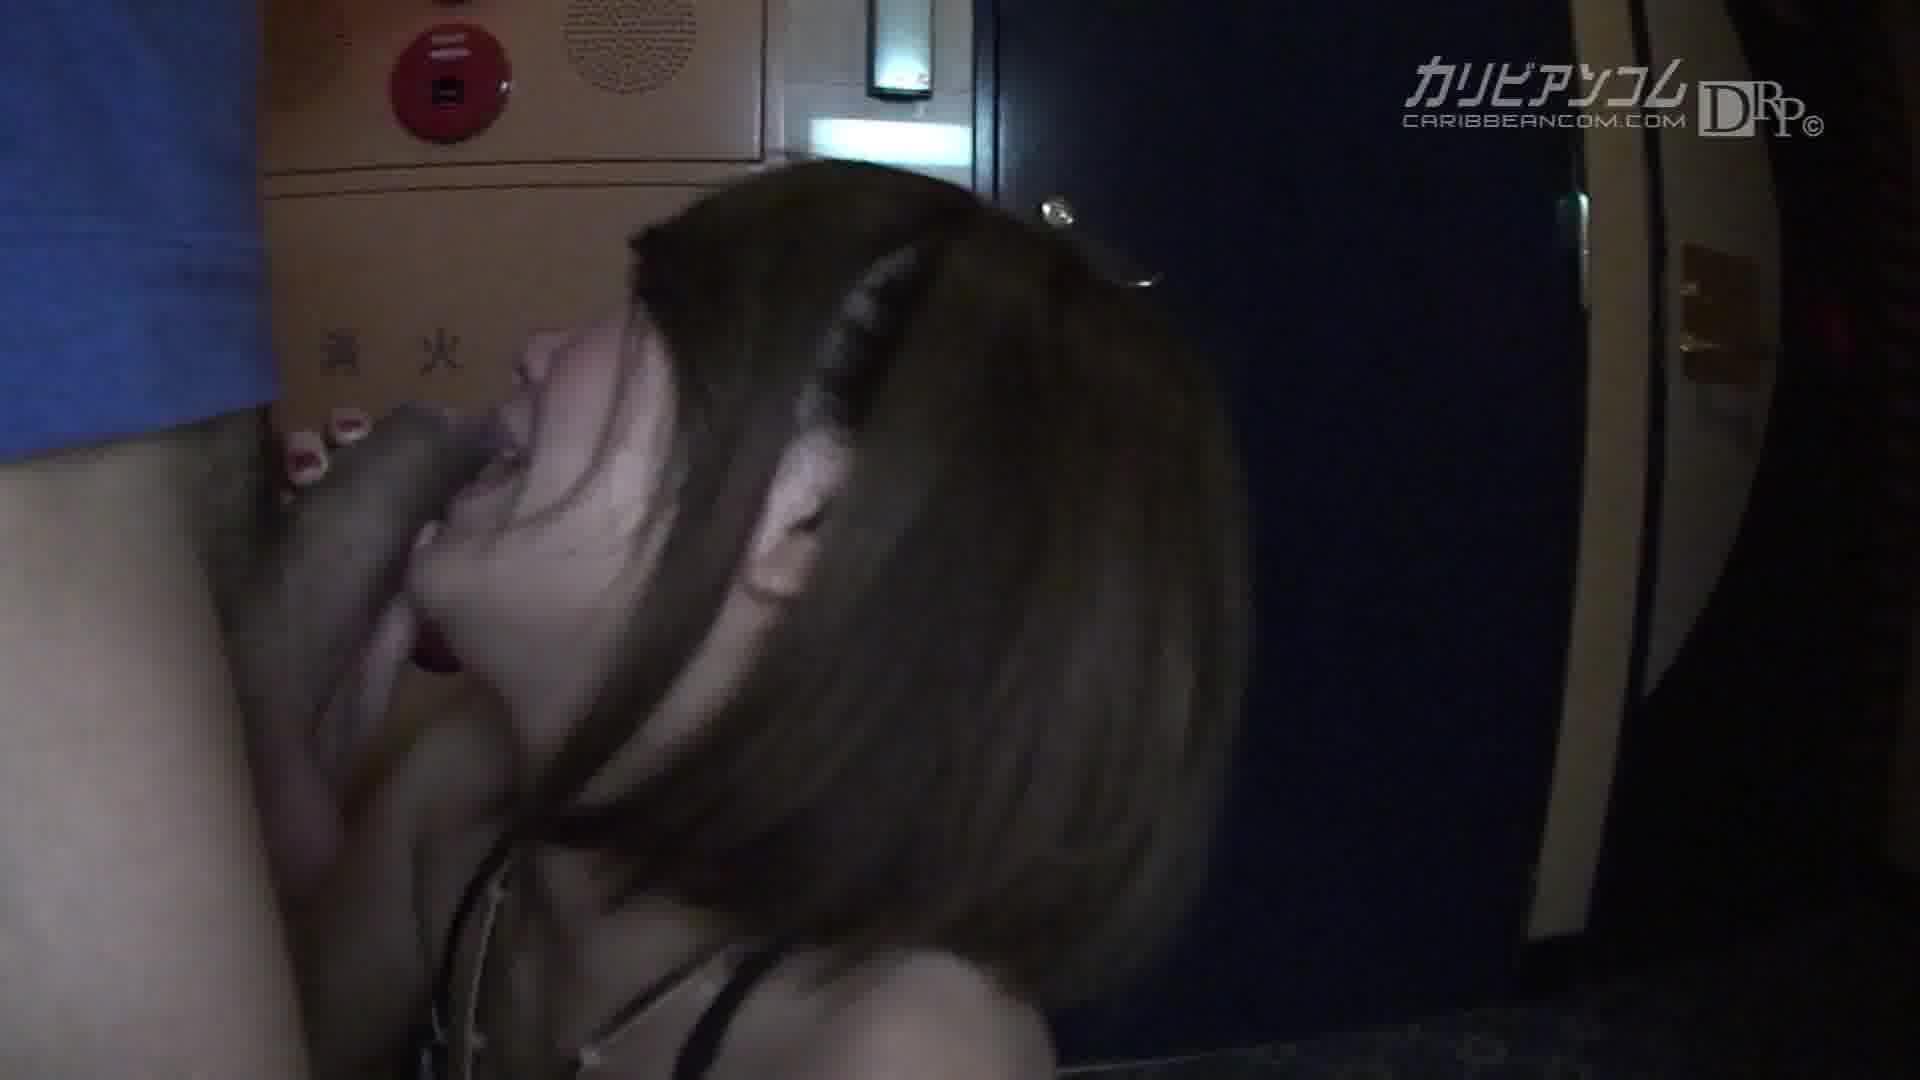 美★ジーンズ Vol.24 - 星野あいり【痴女・潮吹き・中出し】